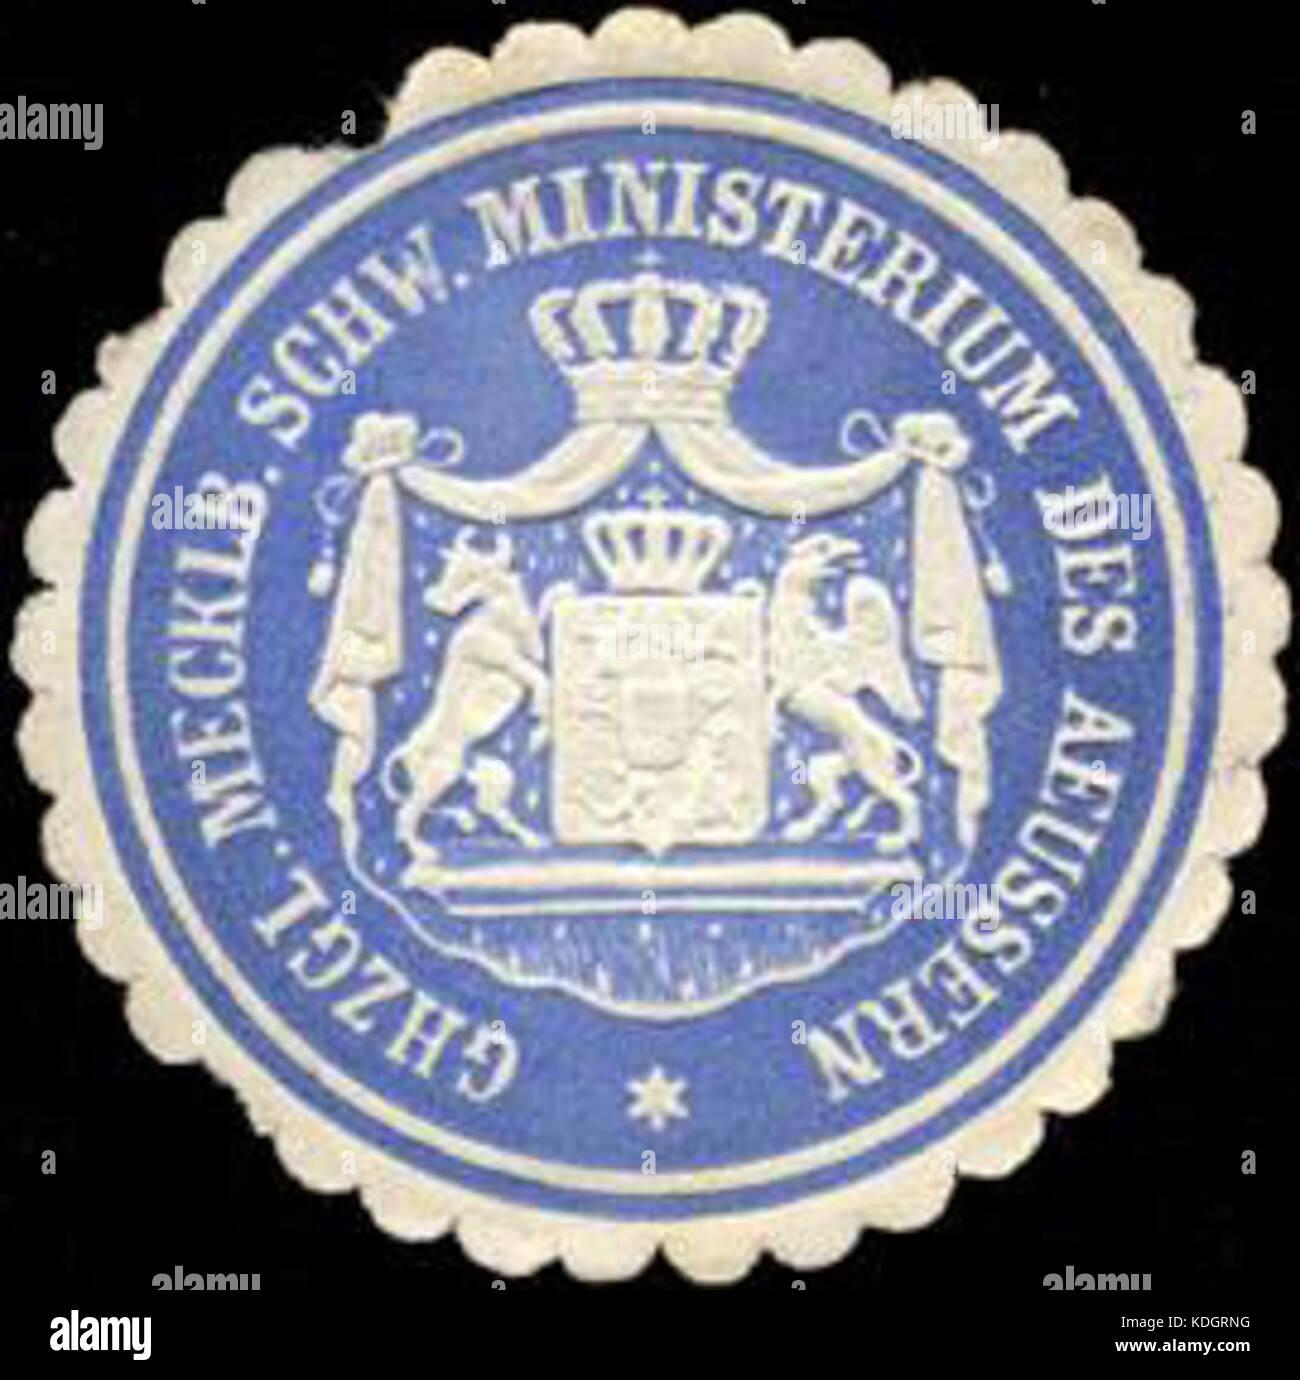 Siegelmarke Grosherzoglich Mecklenburgisch Schw. Ministerium des Aeussern W0211816 - Stock Image